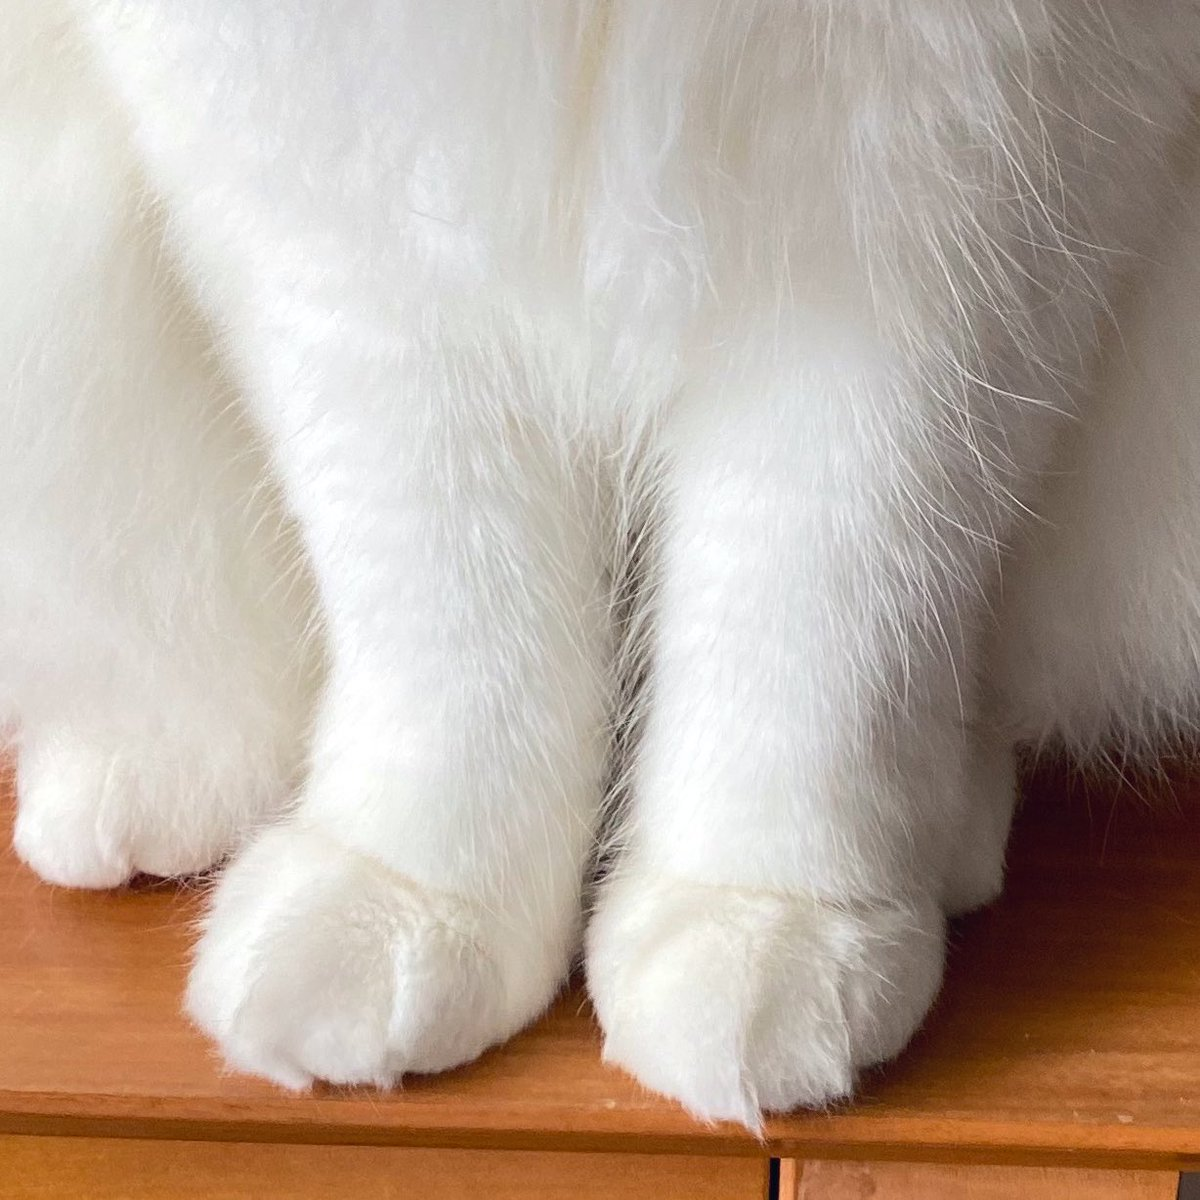 みんなの疲れを癒す猫足をどうぞ🐥